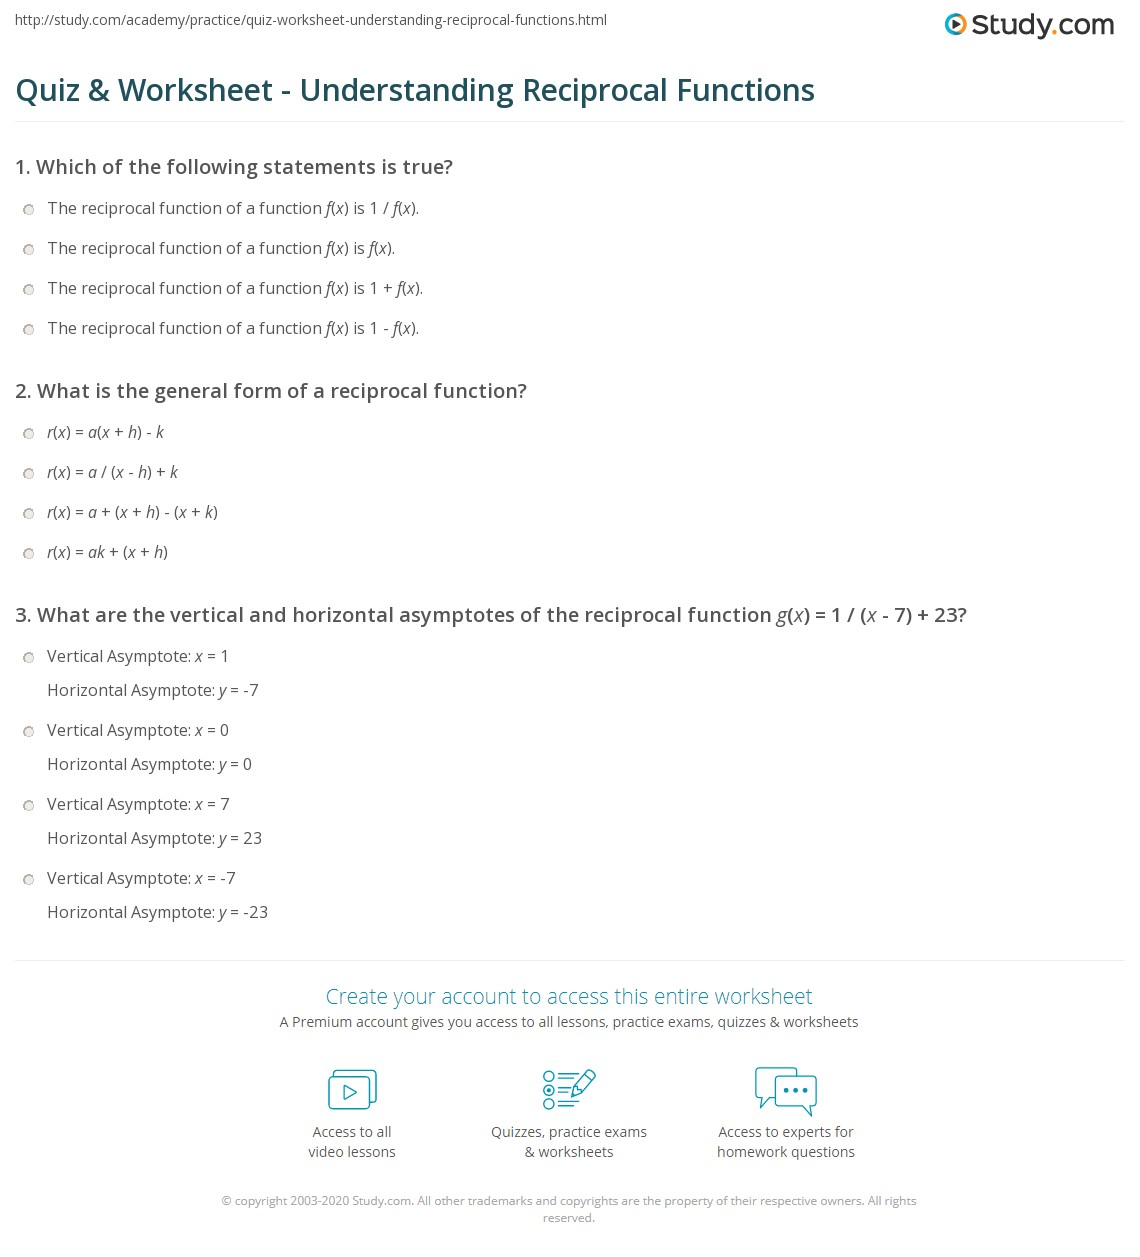 quiz & worksheet - understanding reciprocal functions | study